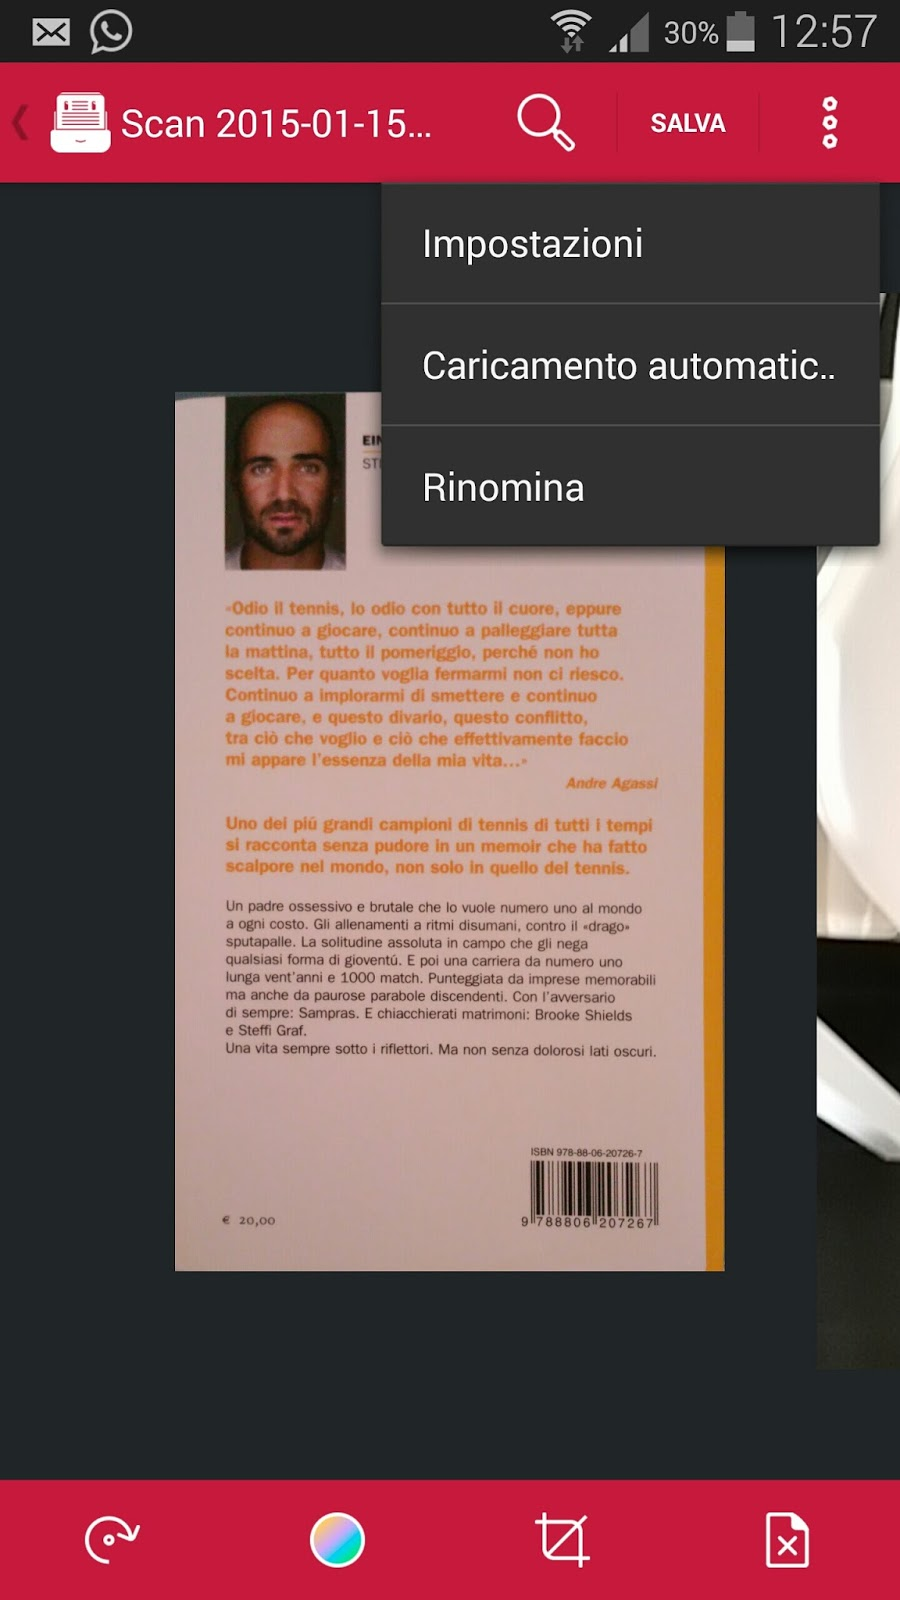 il menu a tenina che apparira' premendo apposito tasto nella schermata di avvenuta acquisizione documenti di scanbot